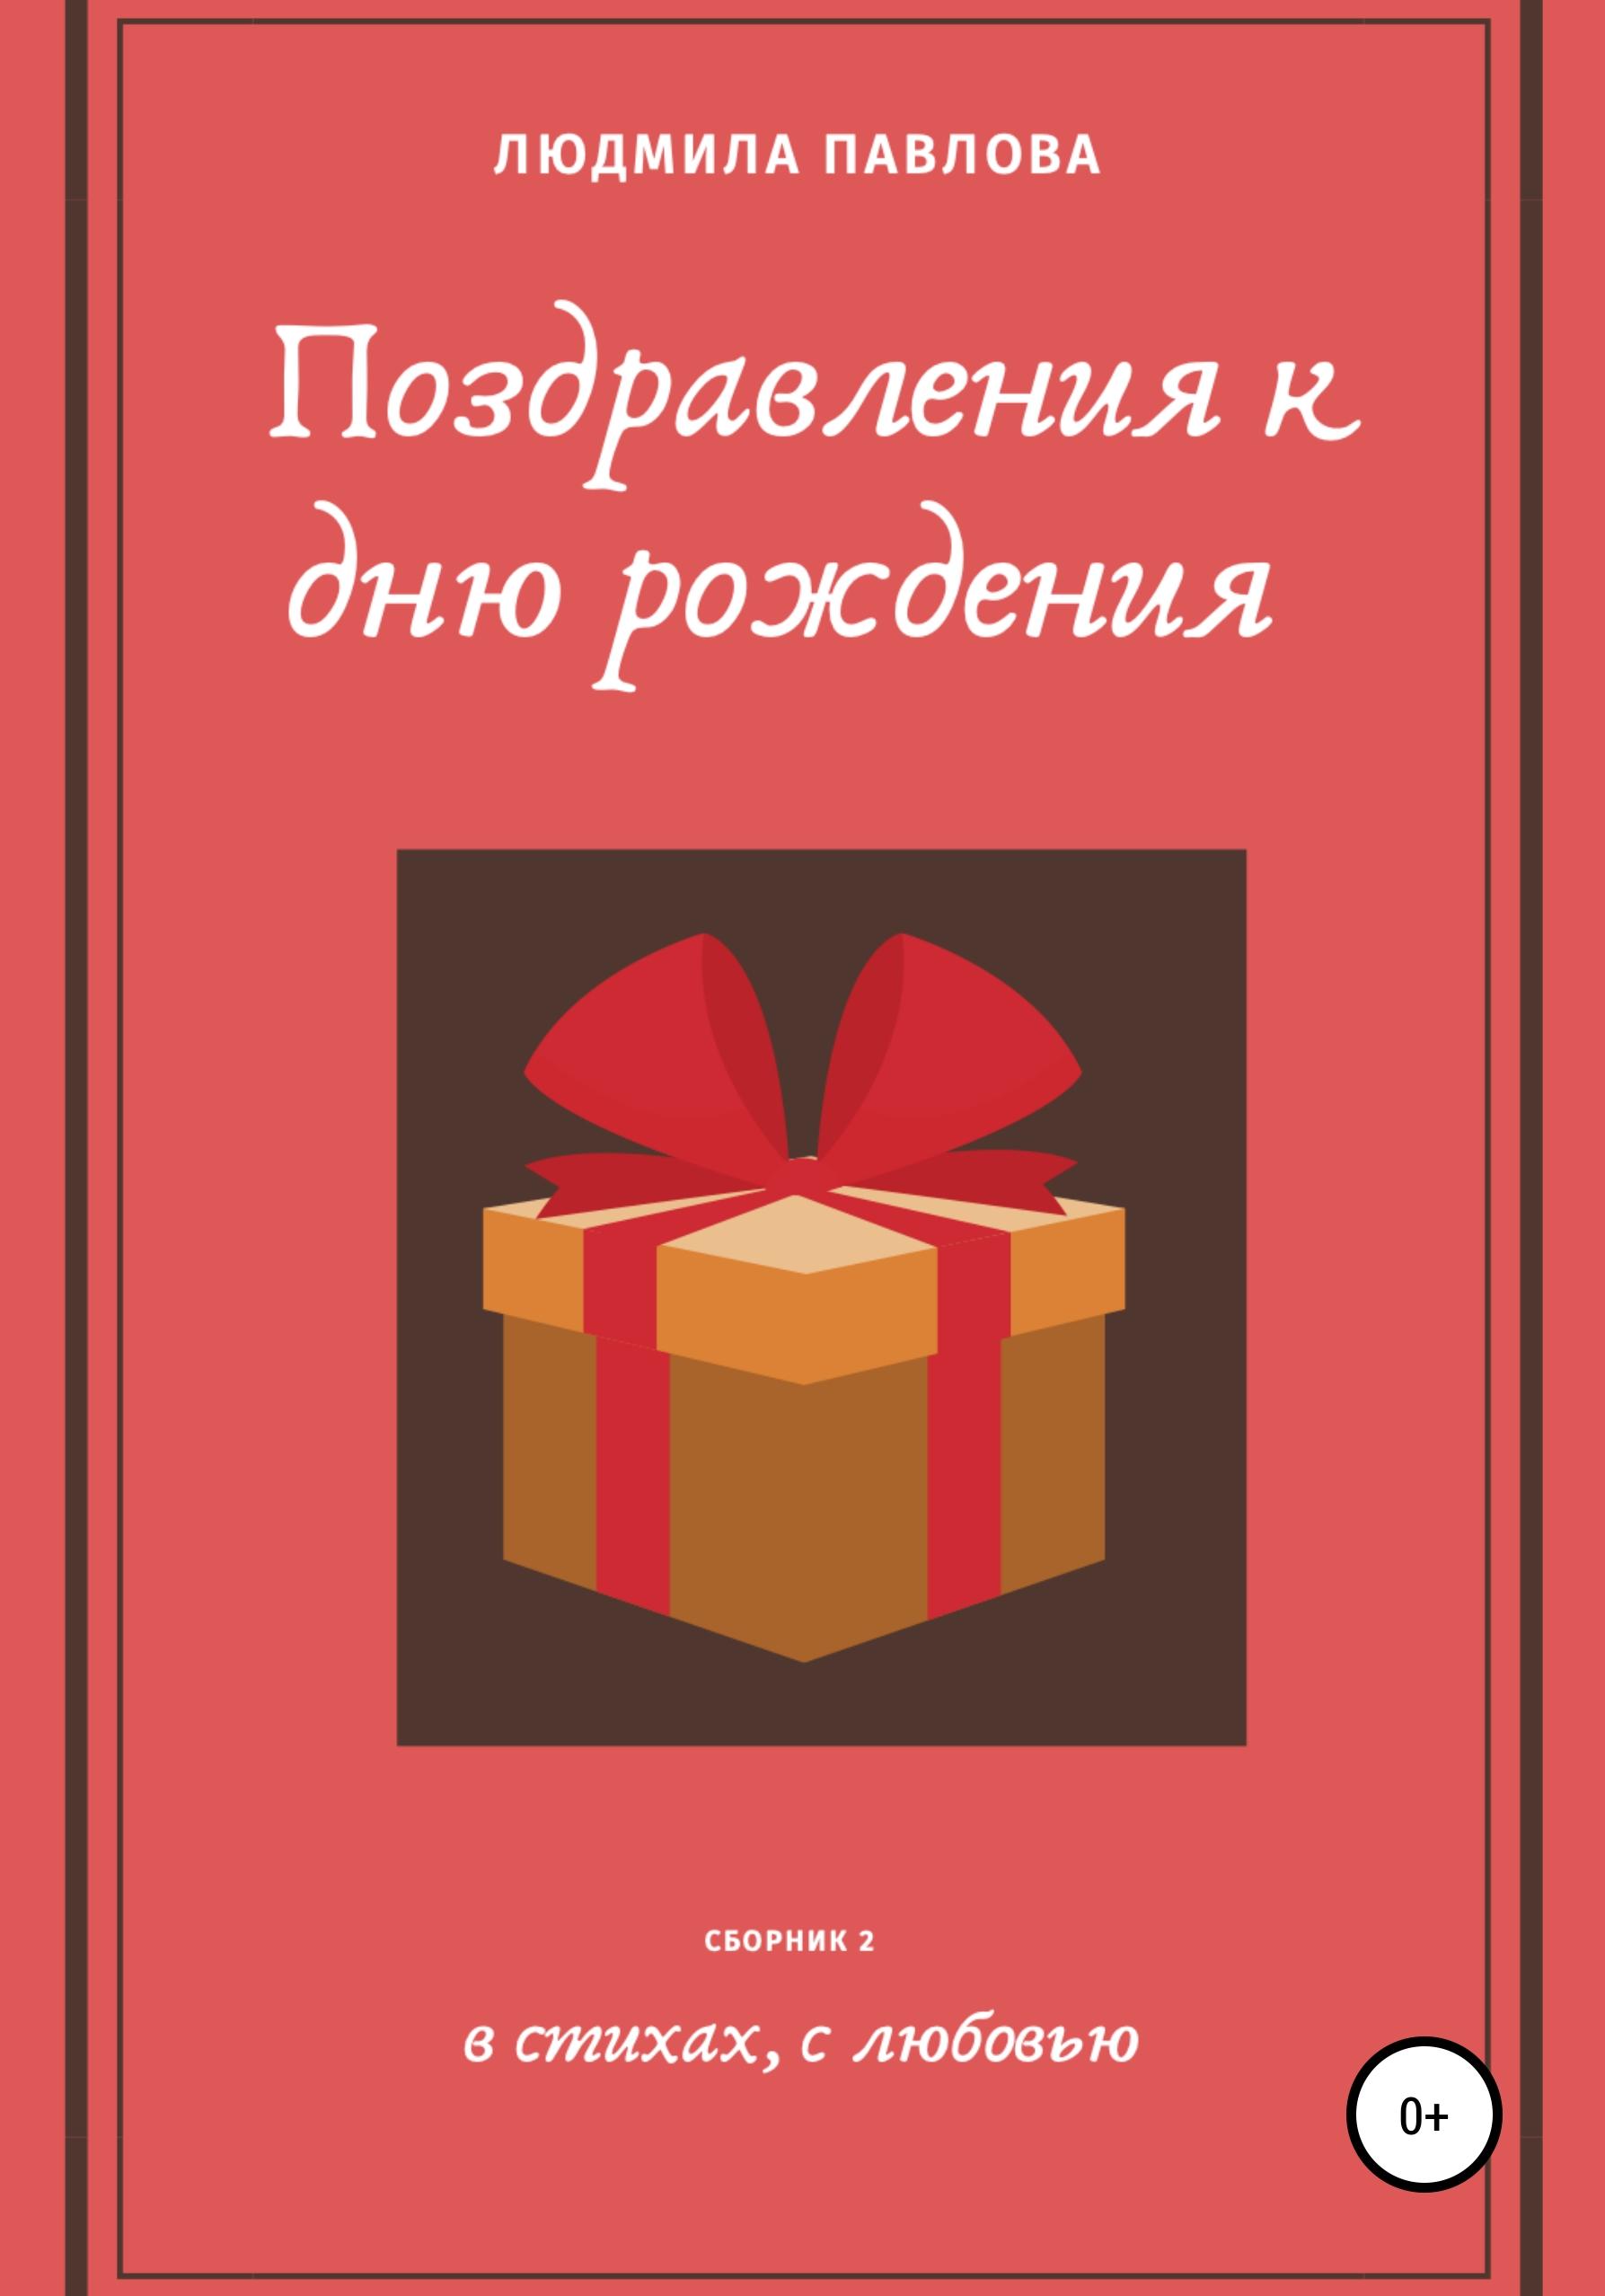 Купить книгу Поздравления к дню рождения. Второй сборник, автора Людмилы Викторовны Павловой